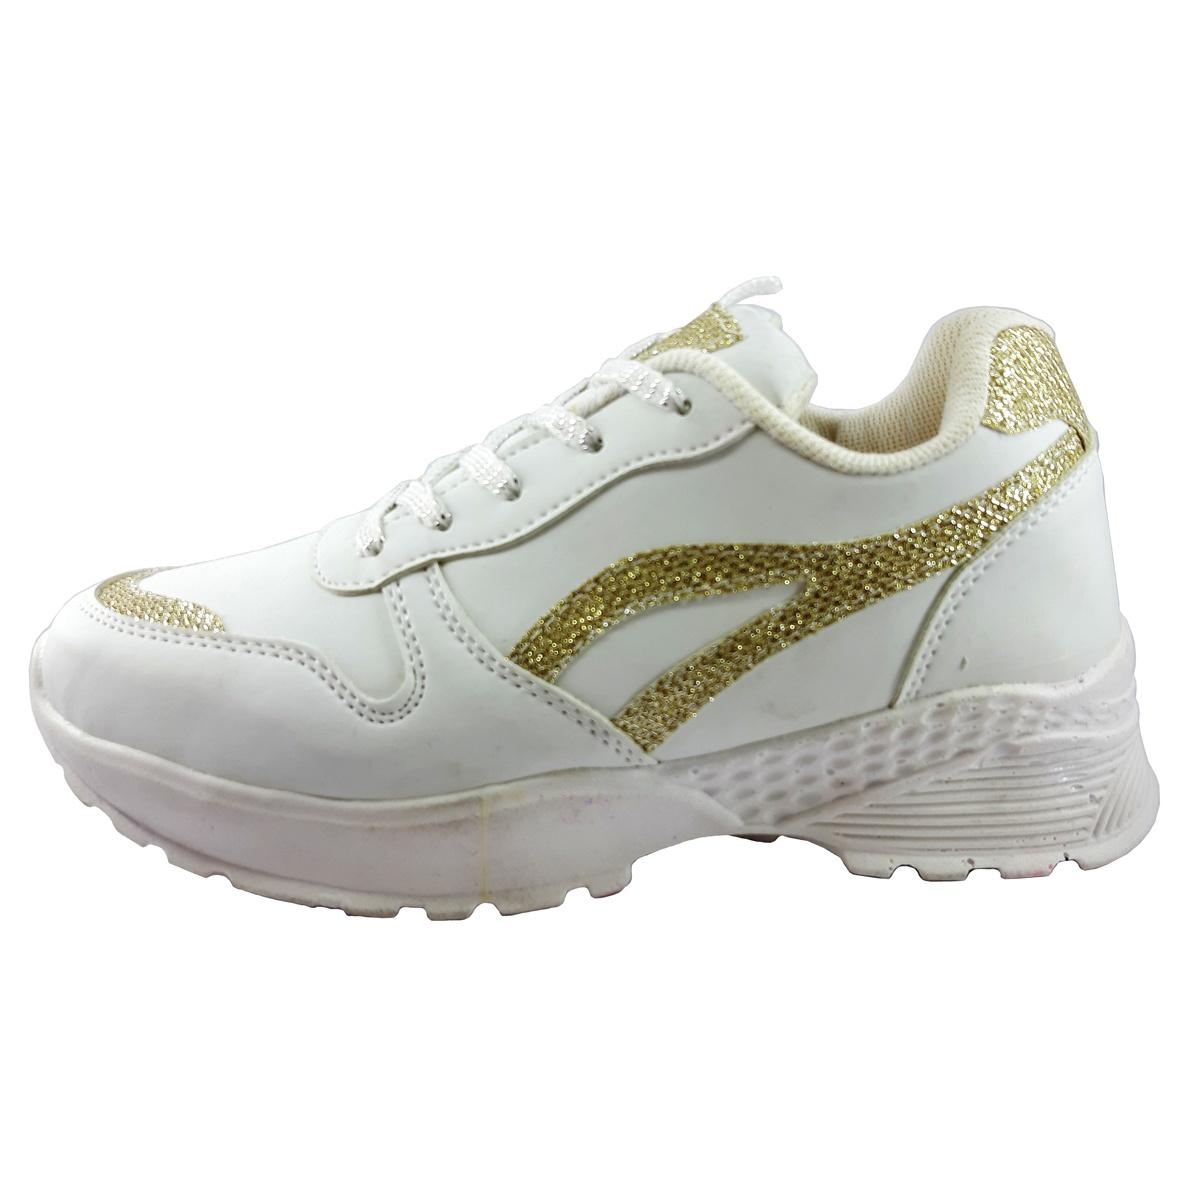 کفش مخصوص پیاده روی زنانه کد G37-40-01